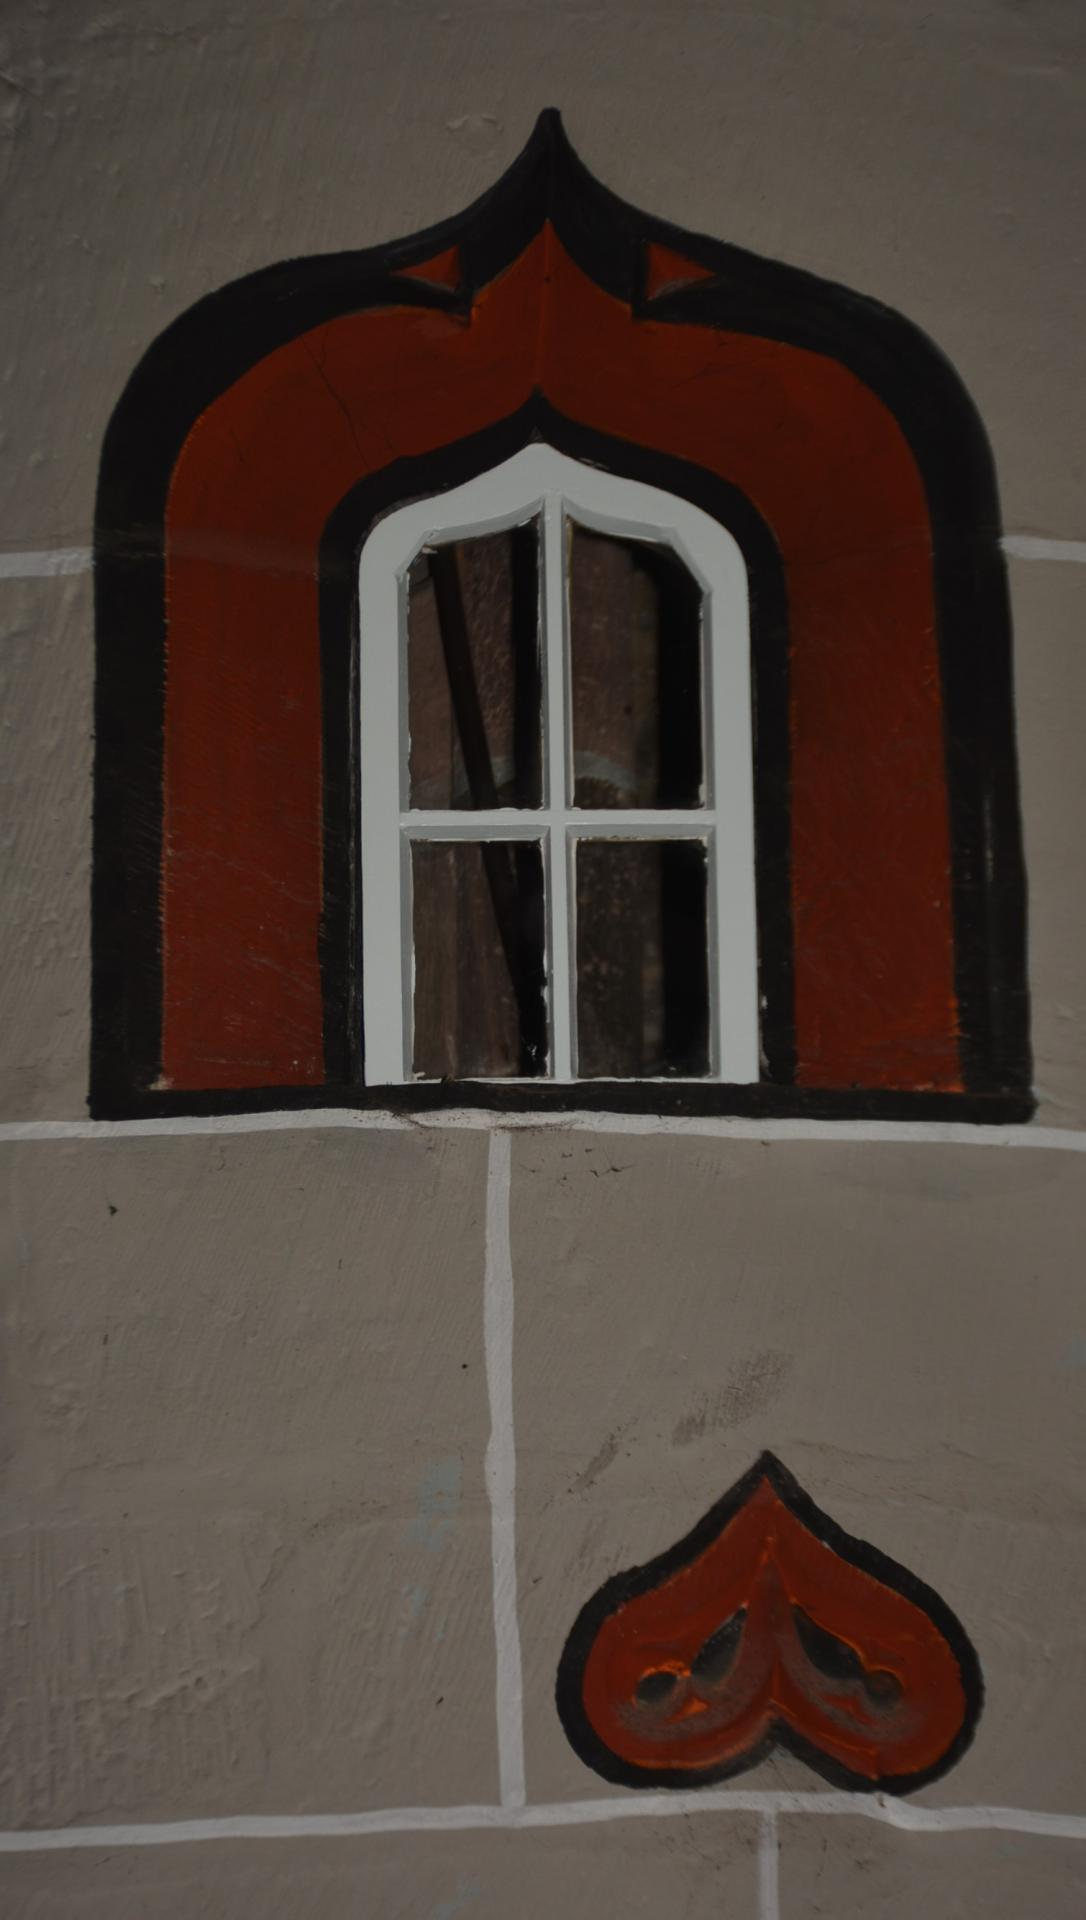 Ein Fenster des Wendelturms, durch das man von innen in den Kirchenraum sehen kann